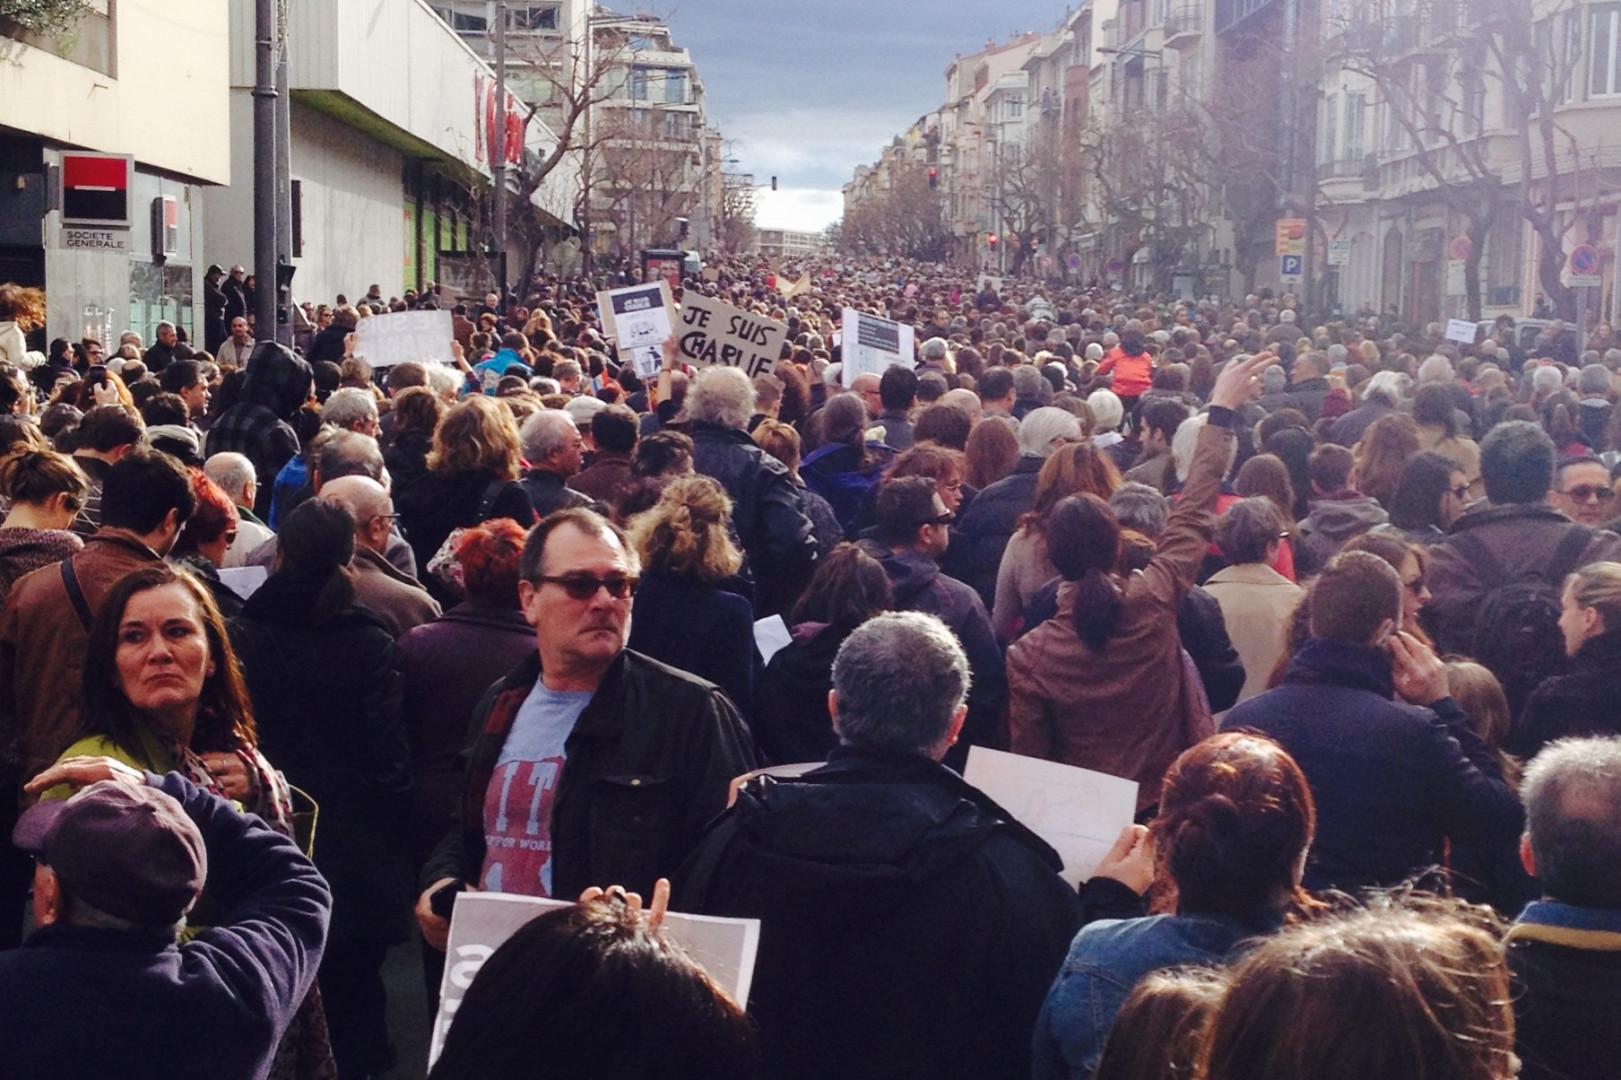 Il y a du monde dans les rues de Perpignan pour la marche républicaine